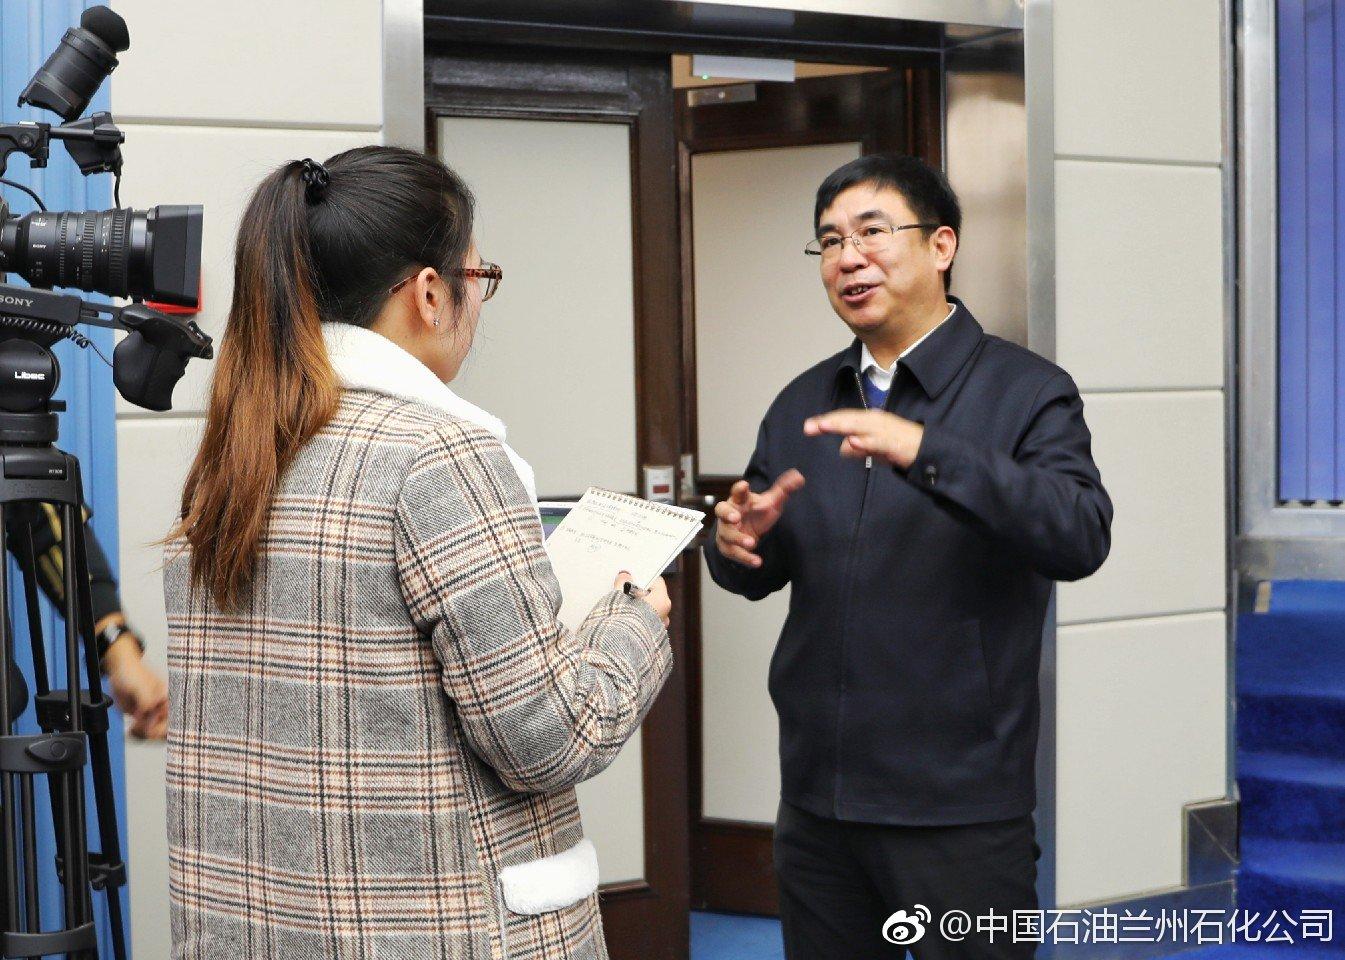 兰州石化总经理李家民在兰州大学进行专题讲座